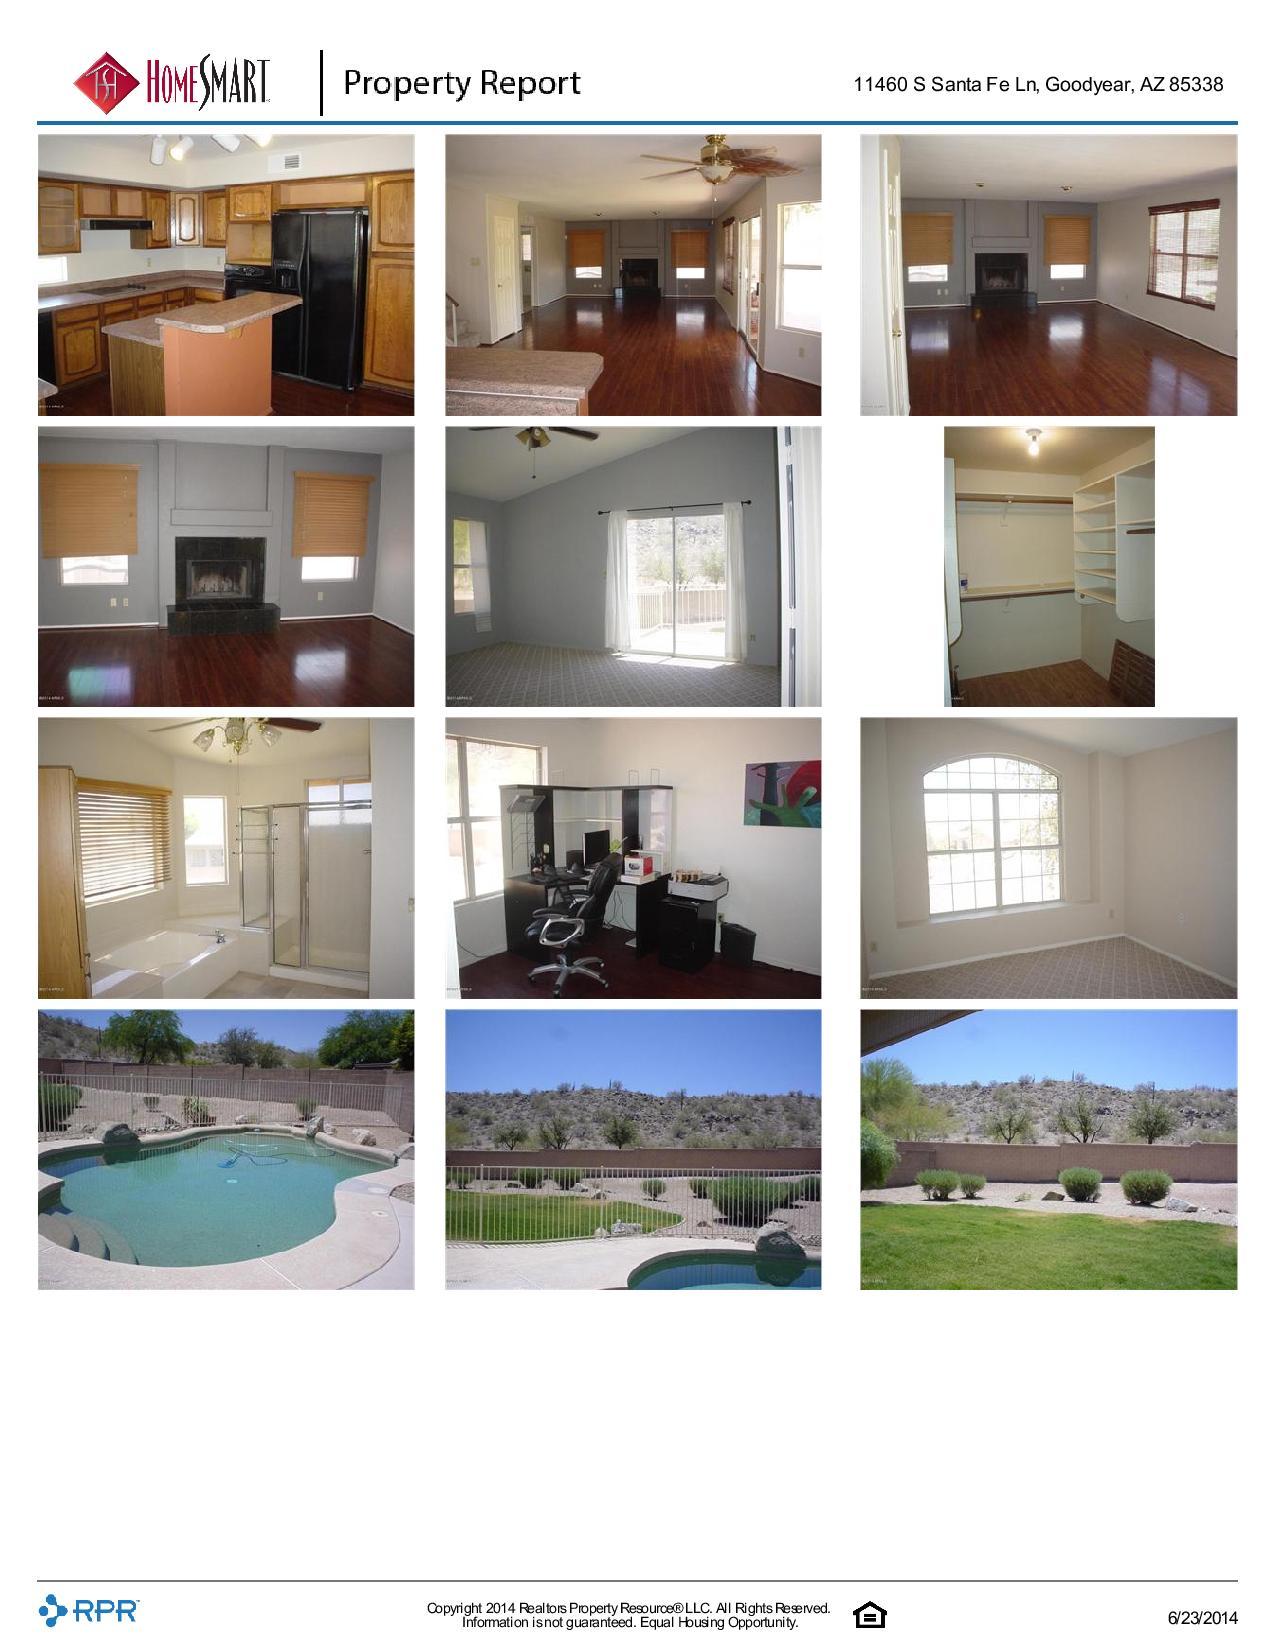 11460-S-Santa-Fe-Ln-Goodyear-AZ-85338-page-006